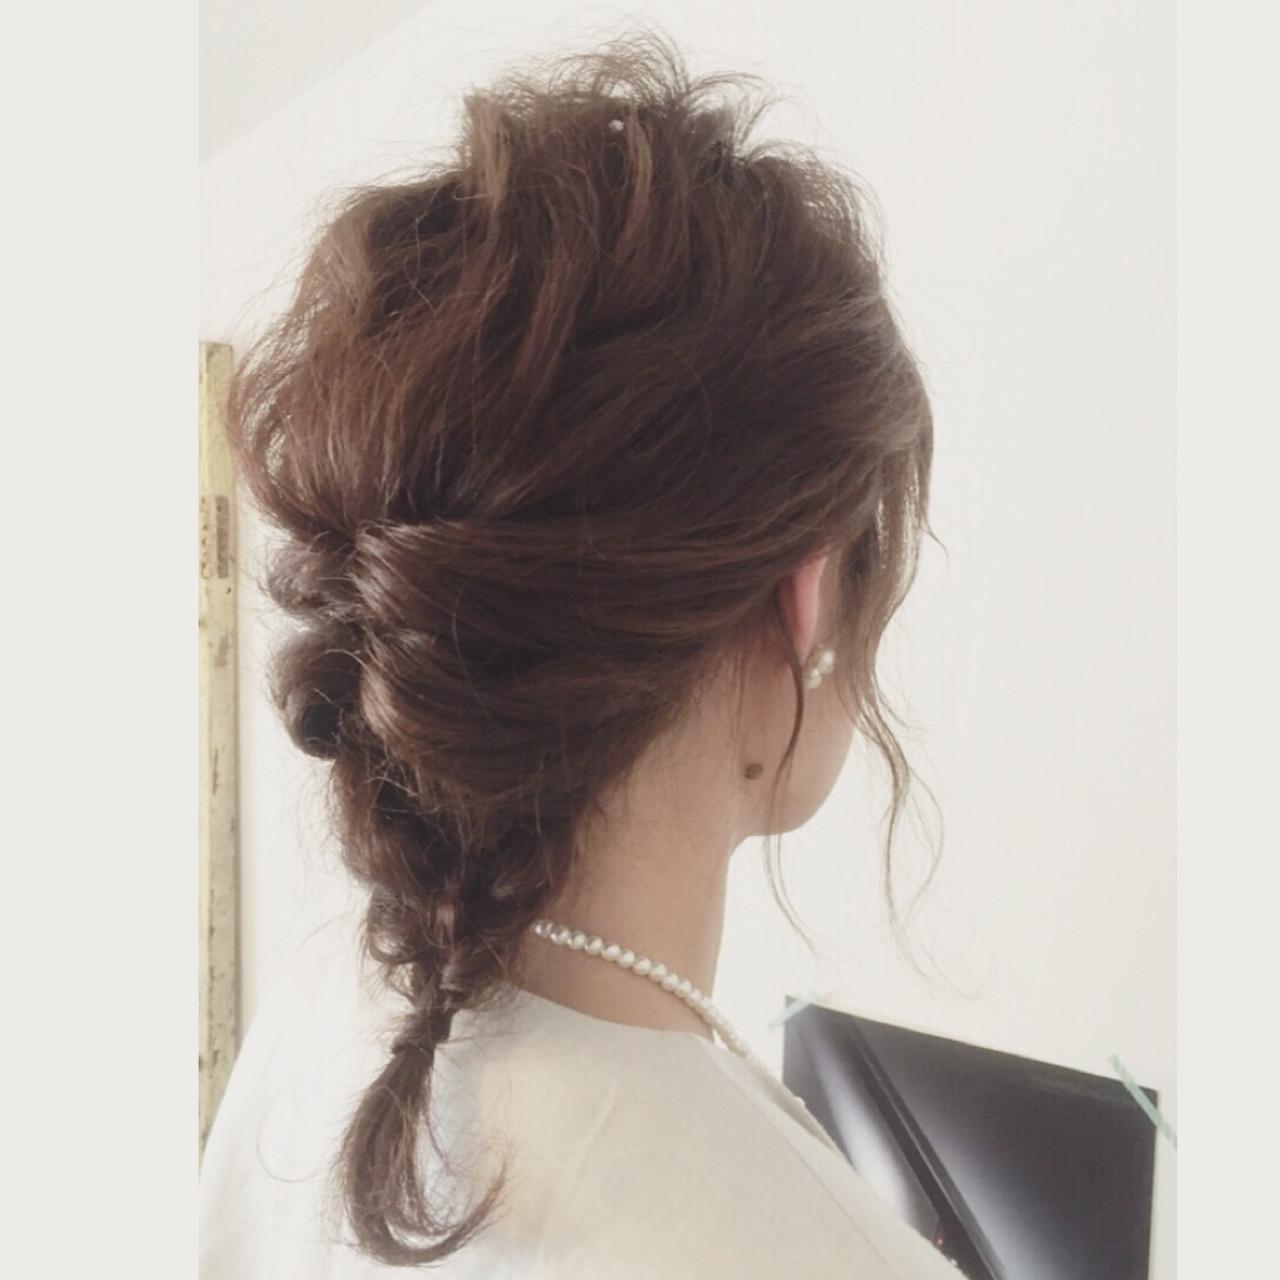 もう迷わない!結婚式にお呼ばれされたらトライしたい髪型アレンジ! YUKO KAWANO